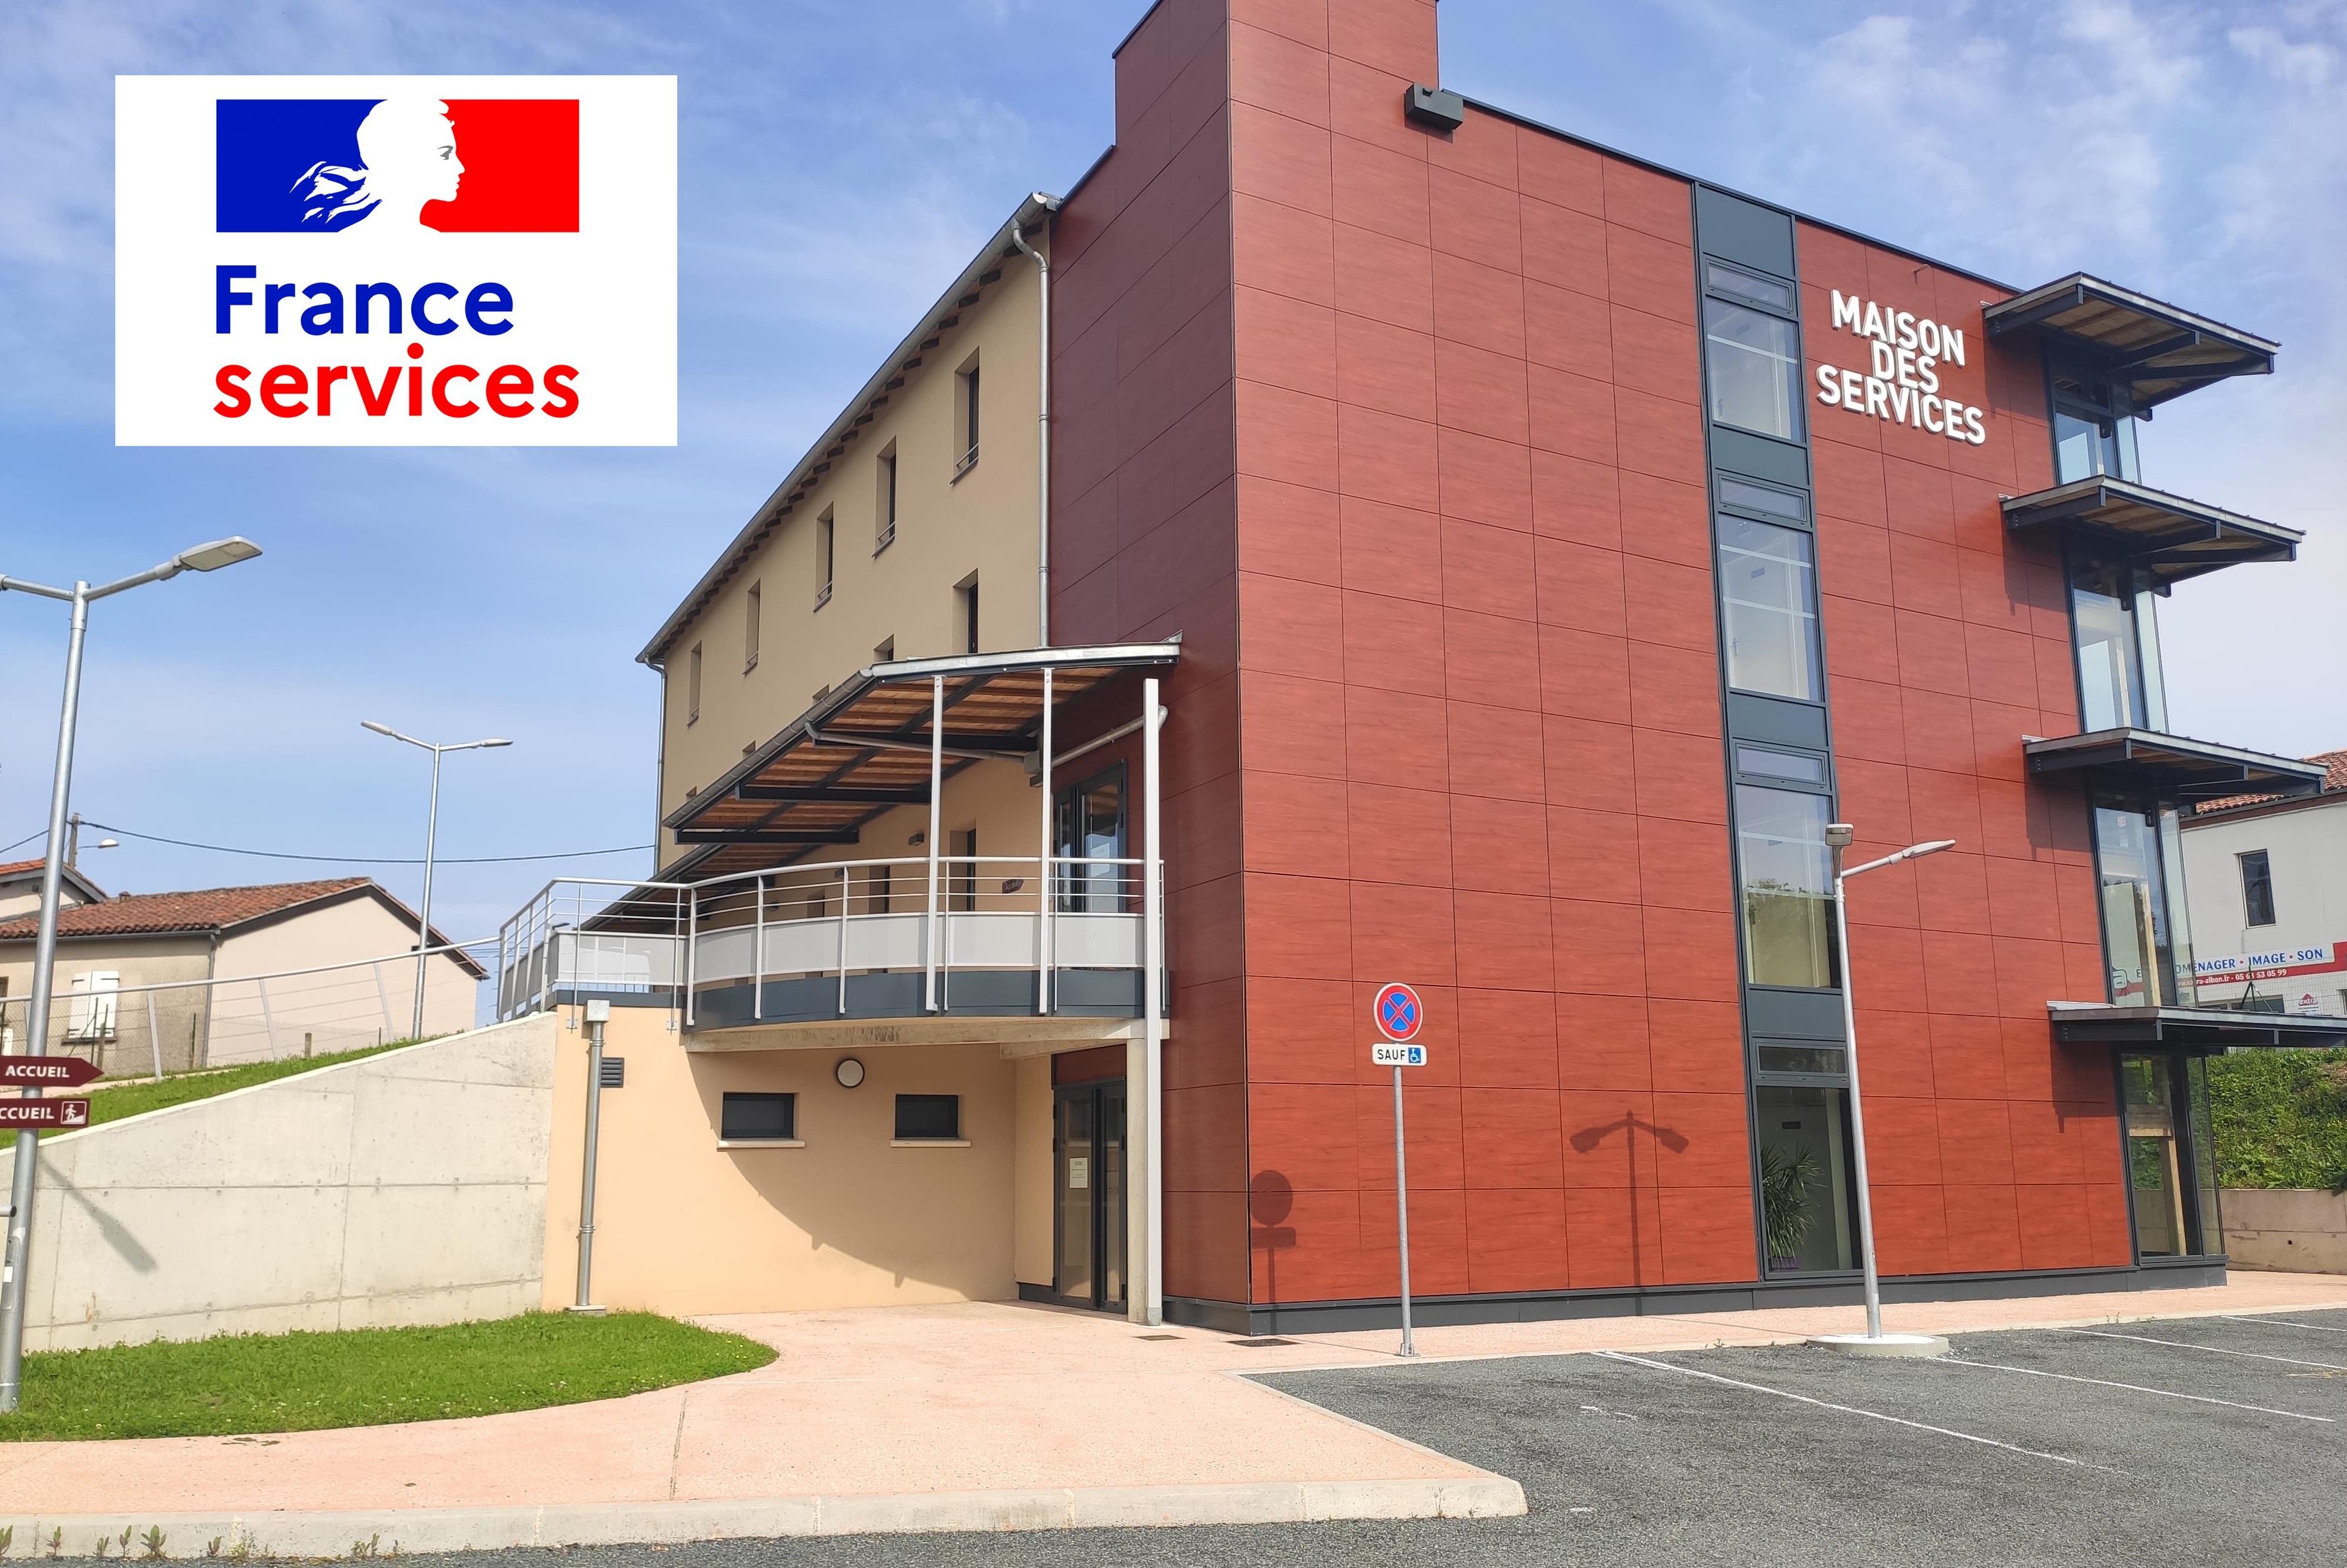 Maison des services Alban - MFS